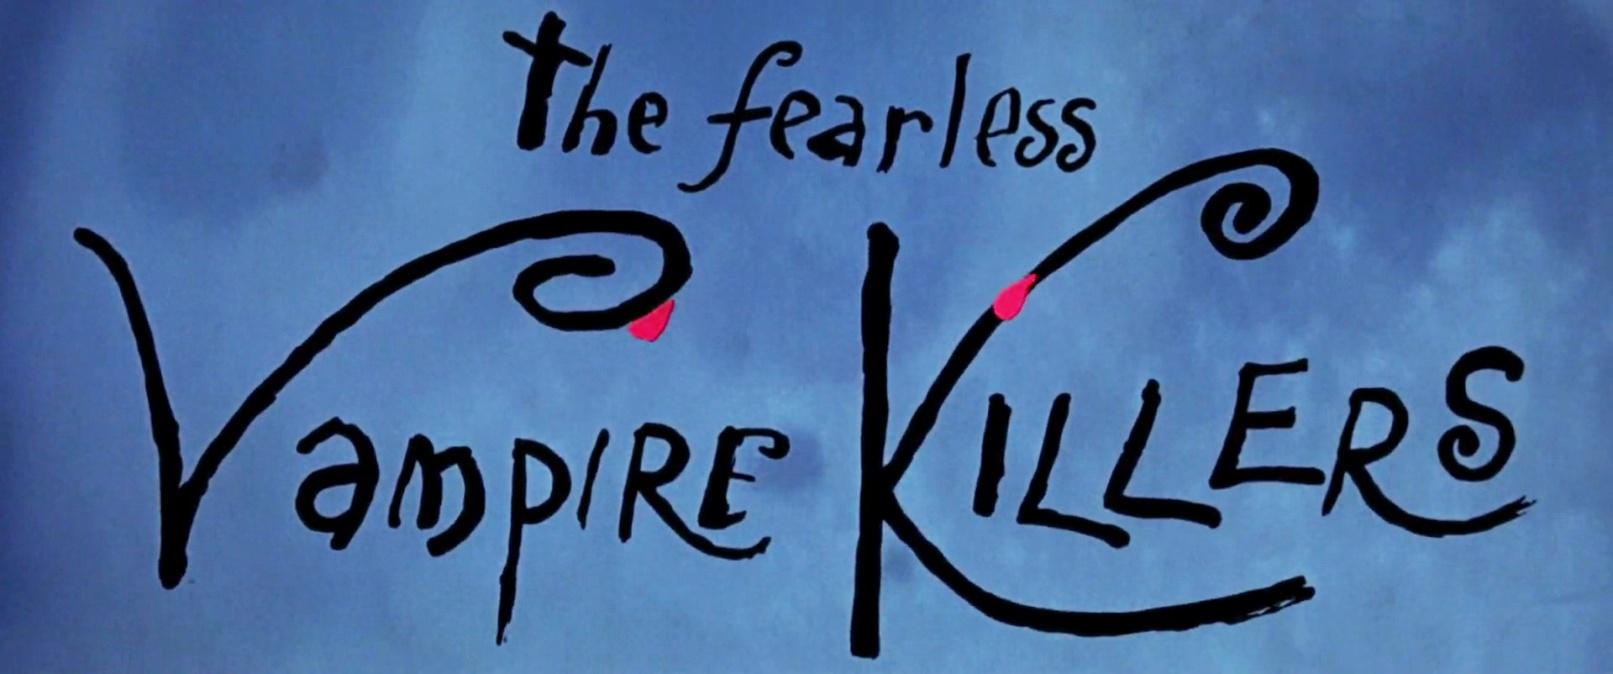 FearlessVampireKillers01